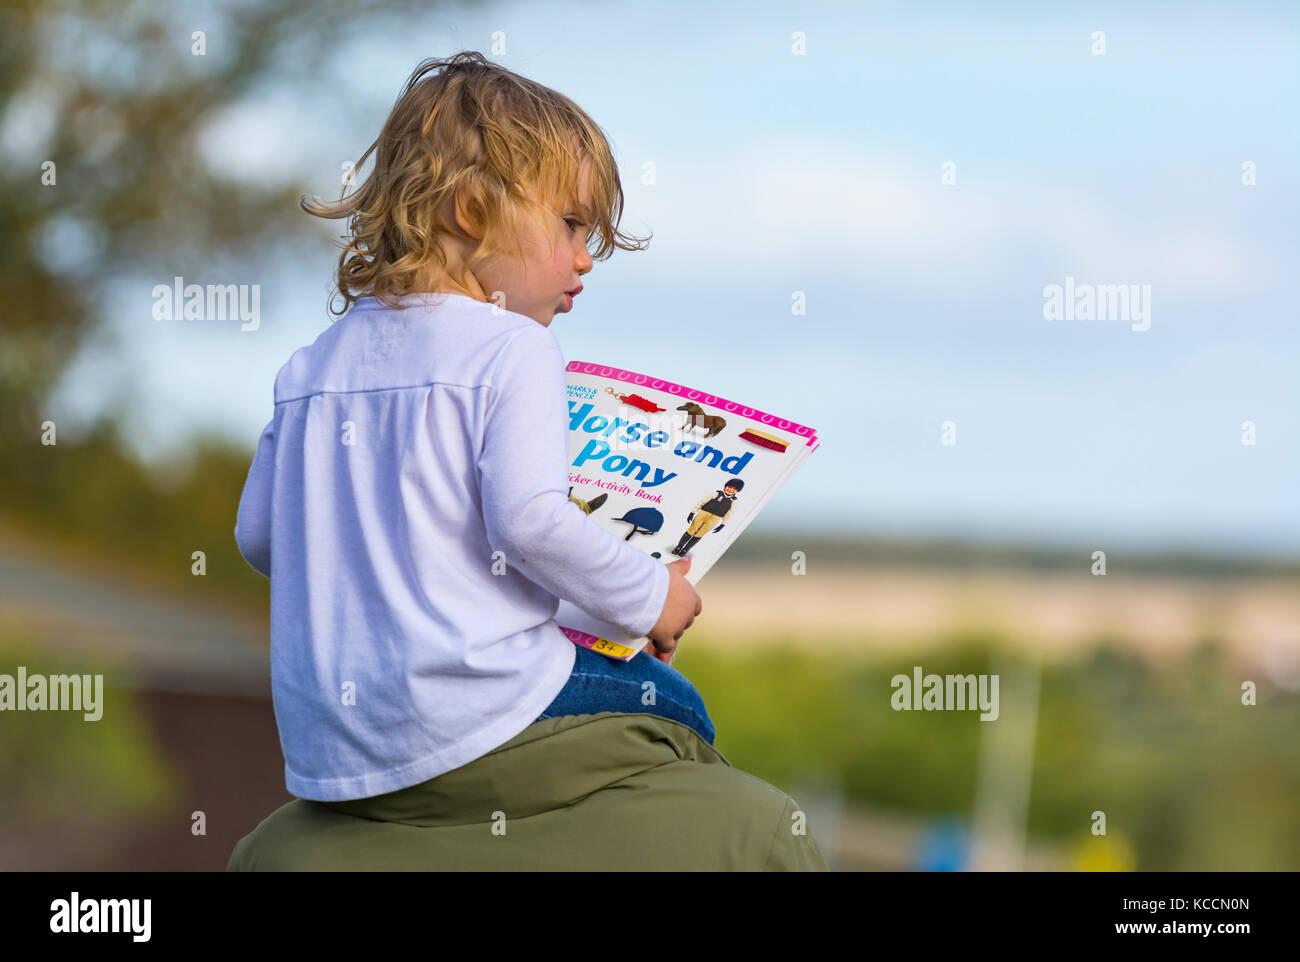 Muchacha sentada sobre los hombros de alguien mientras estaba leyendo un libro del niño. Imagen De Stock